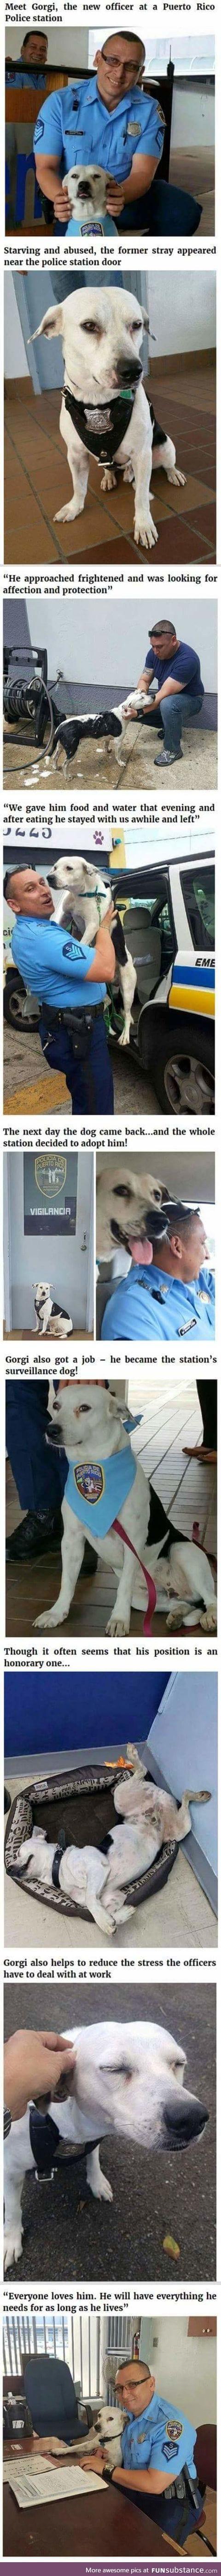 Gorgi the new doggo police officer